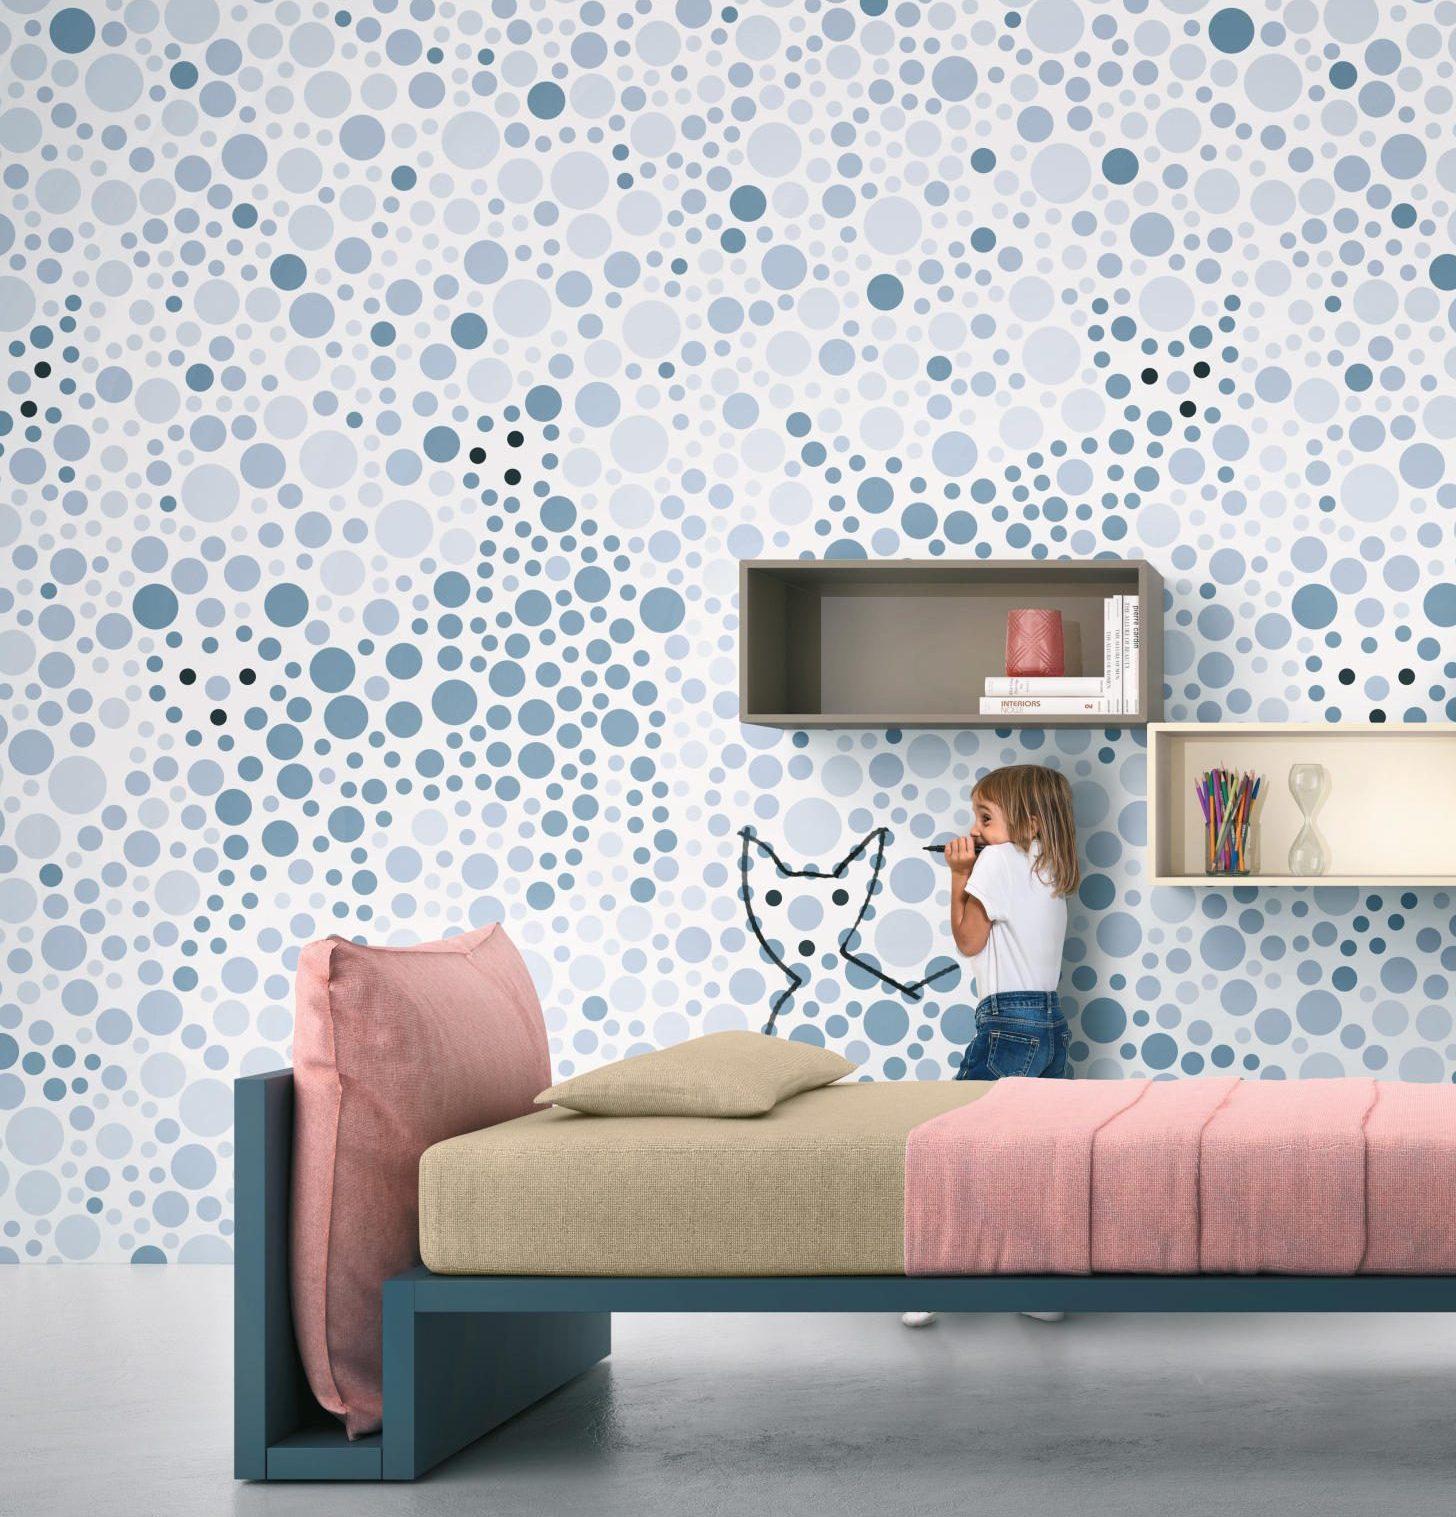 lago_3dots-wallpaper_01